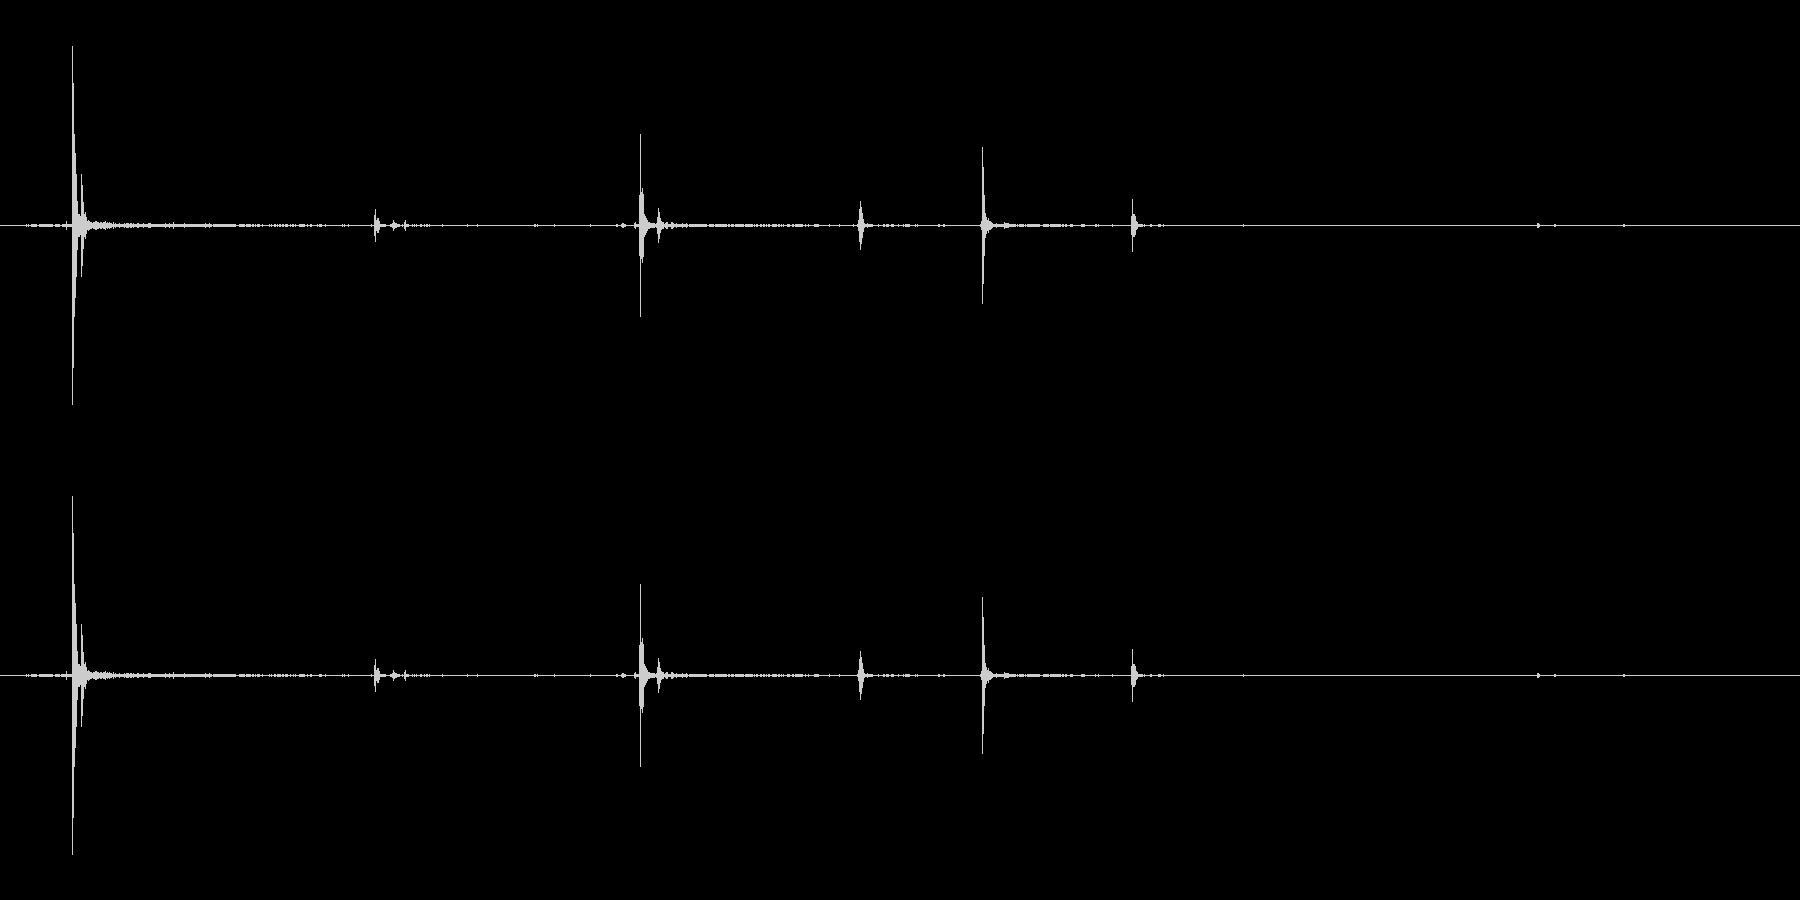 ピキピキッ(ヒビ/卵/孵化)の未再生の波形